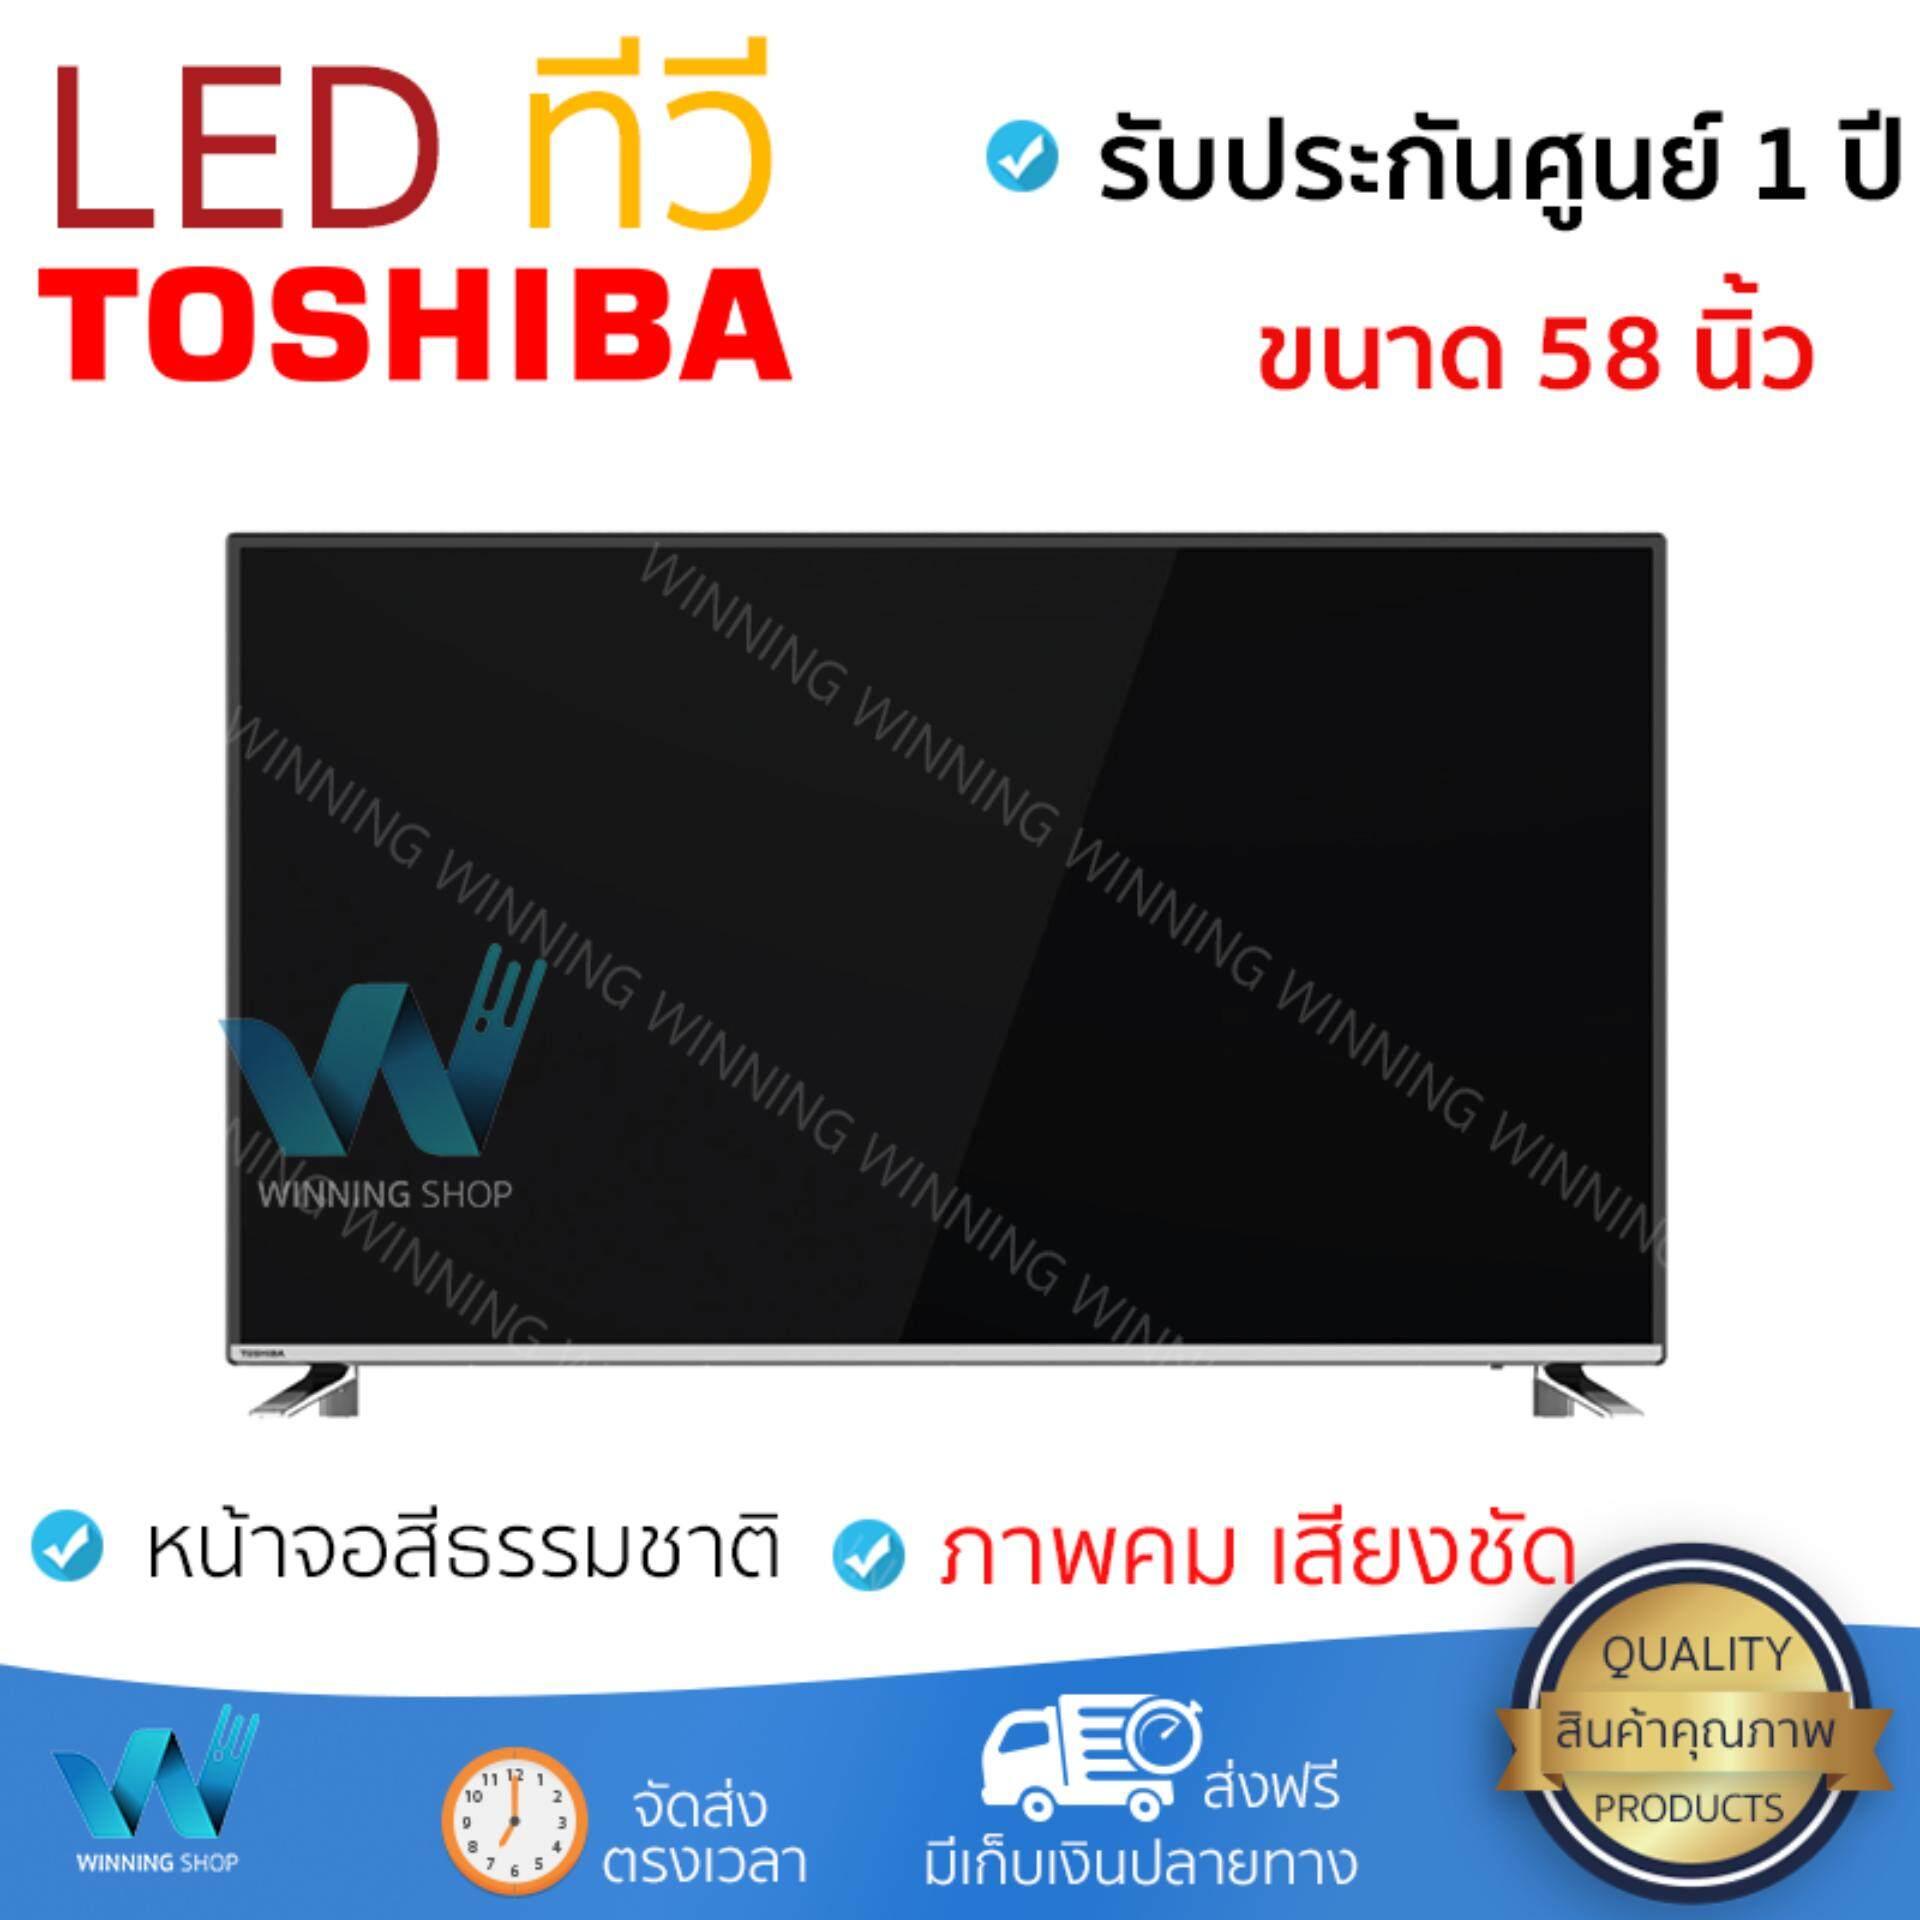 ราคาพิเศษ ทีวี LED TV  แอลอีดีทีวี 58 นิ้ว FLAT TOSHIBA 58U7880VT - TOSHIBA - 58U7880VT รุ่นใหม่ล่าสุด ภาพคมชัดมาก เสียงดังสมจริง ติดตั้งง่าย ใช้งานได้ทันที Televisons จัดส่งฟรี ทั่วประเทศ